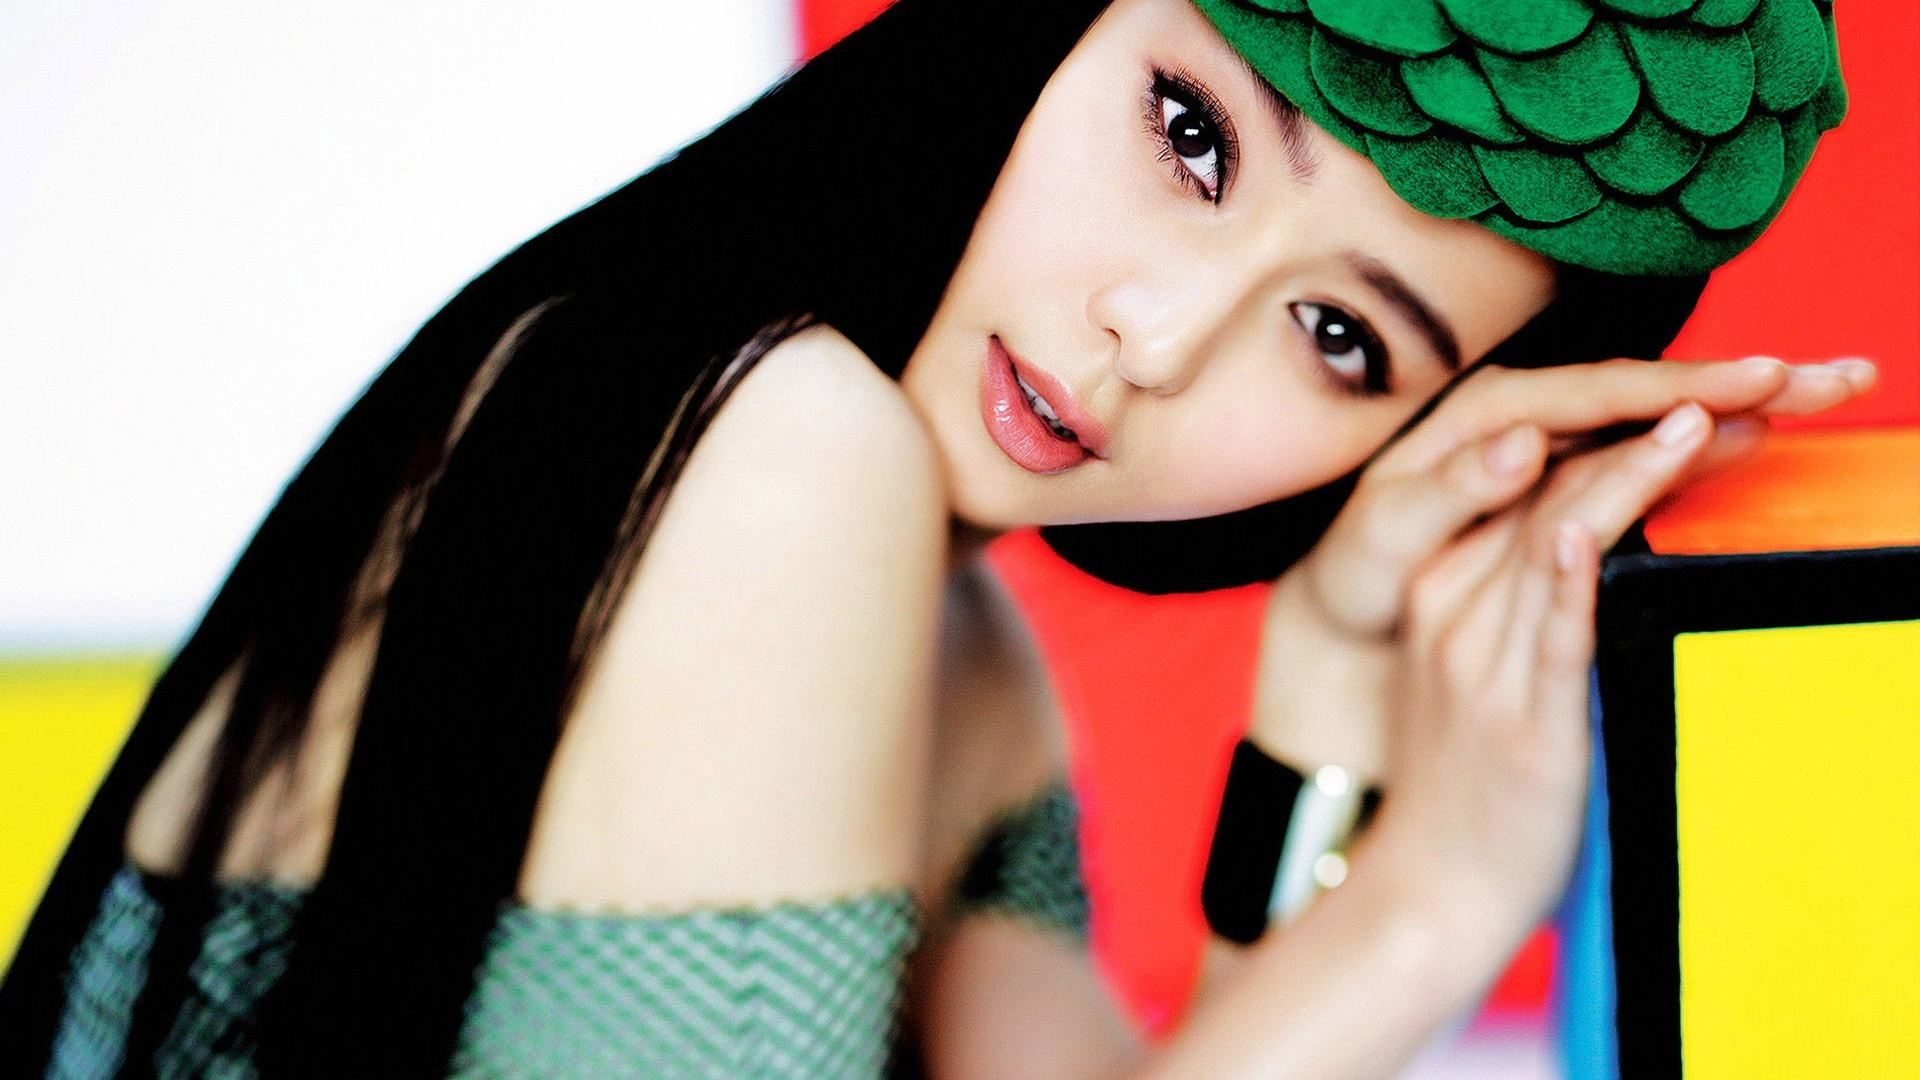 Wallpaper Gambar Foto Wanita Cantik Fan Bing Bing SENI RUPA